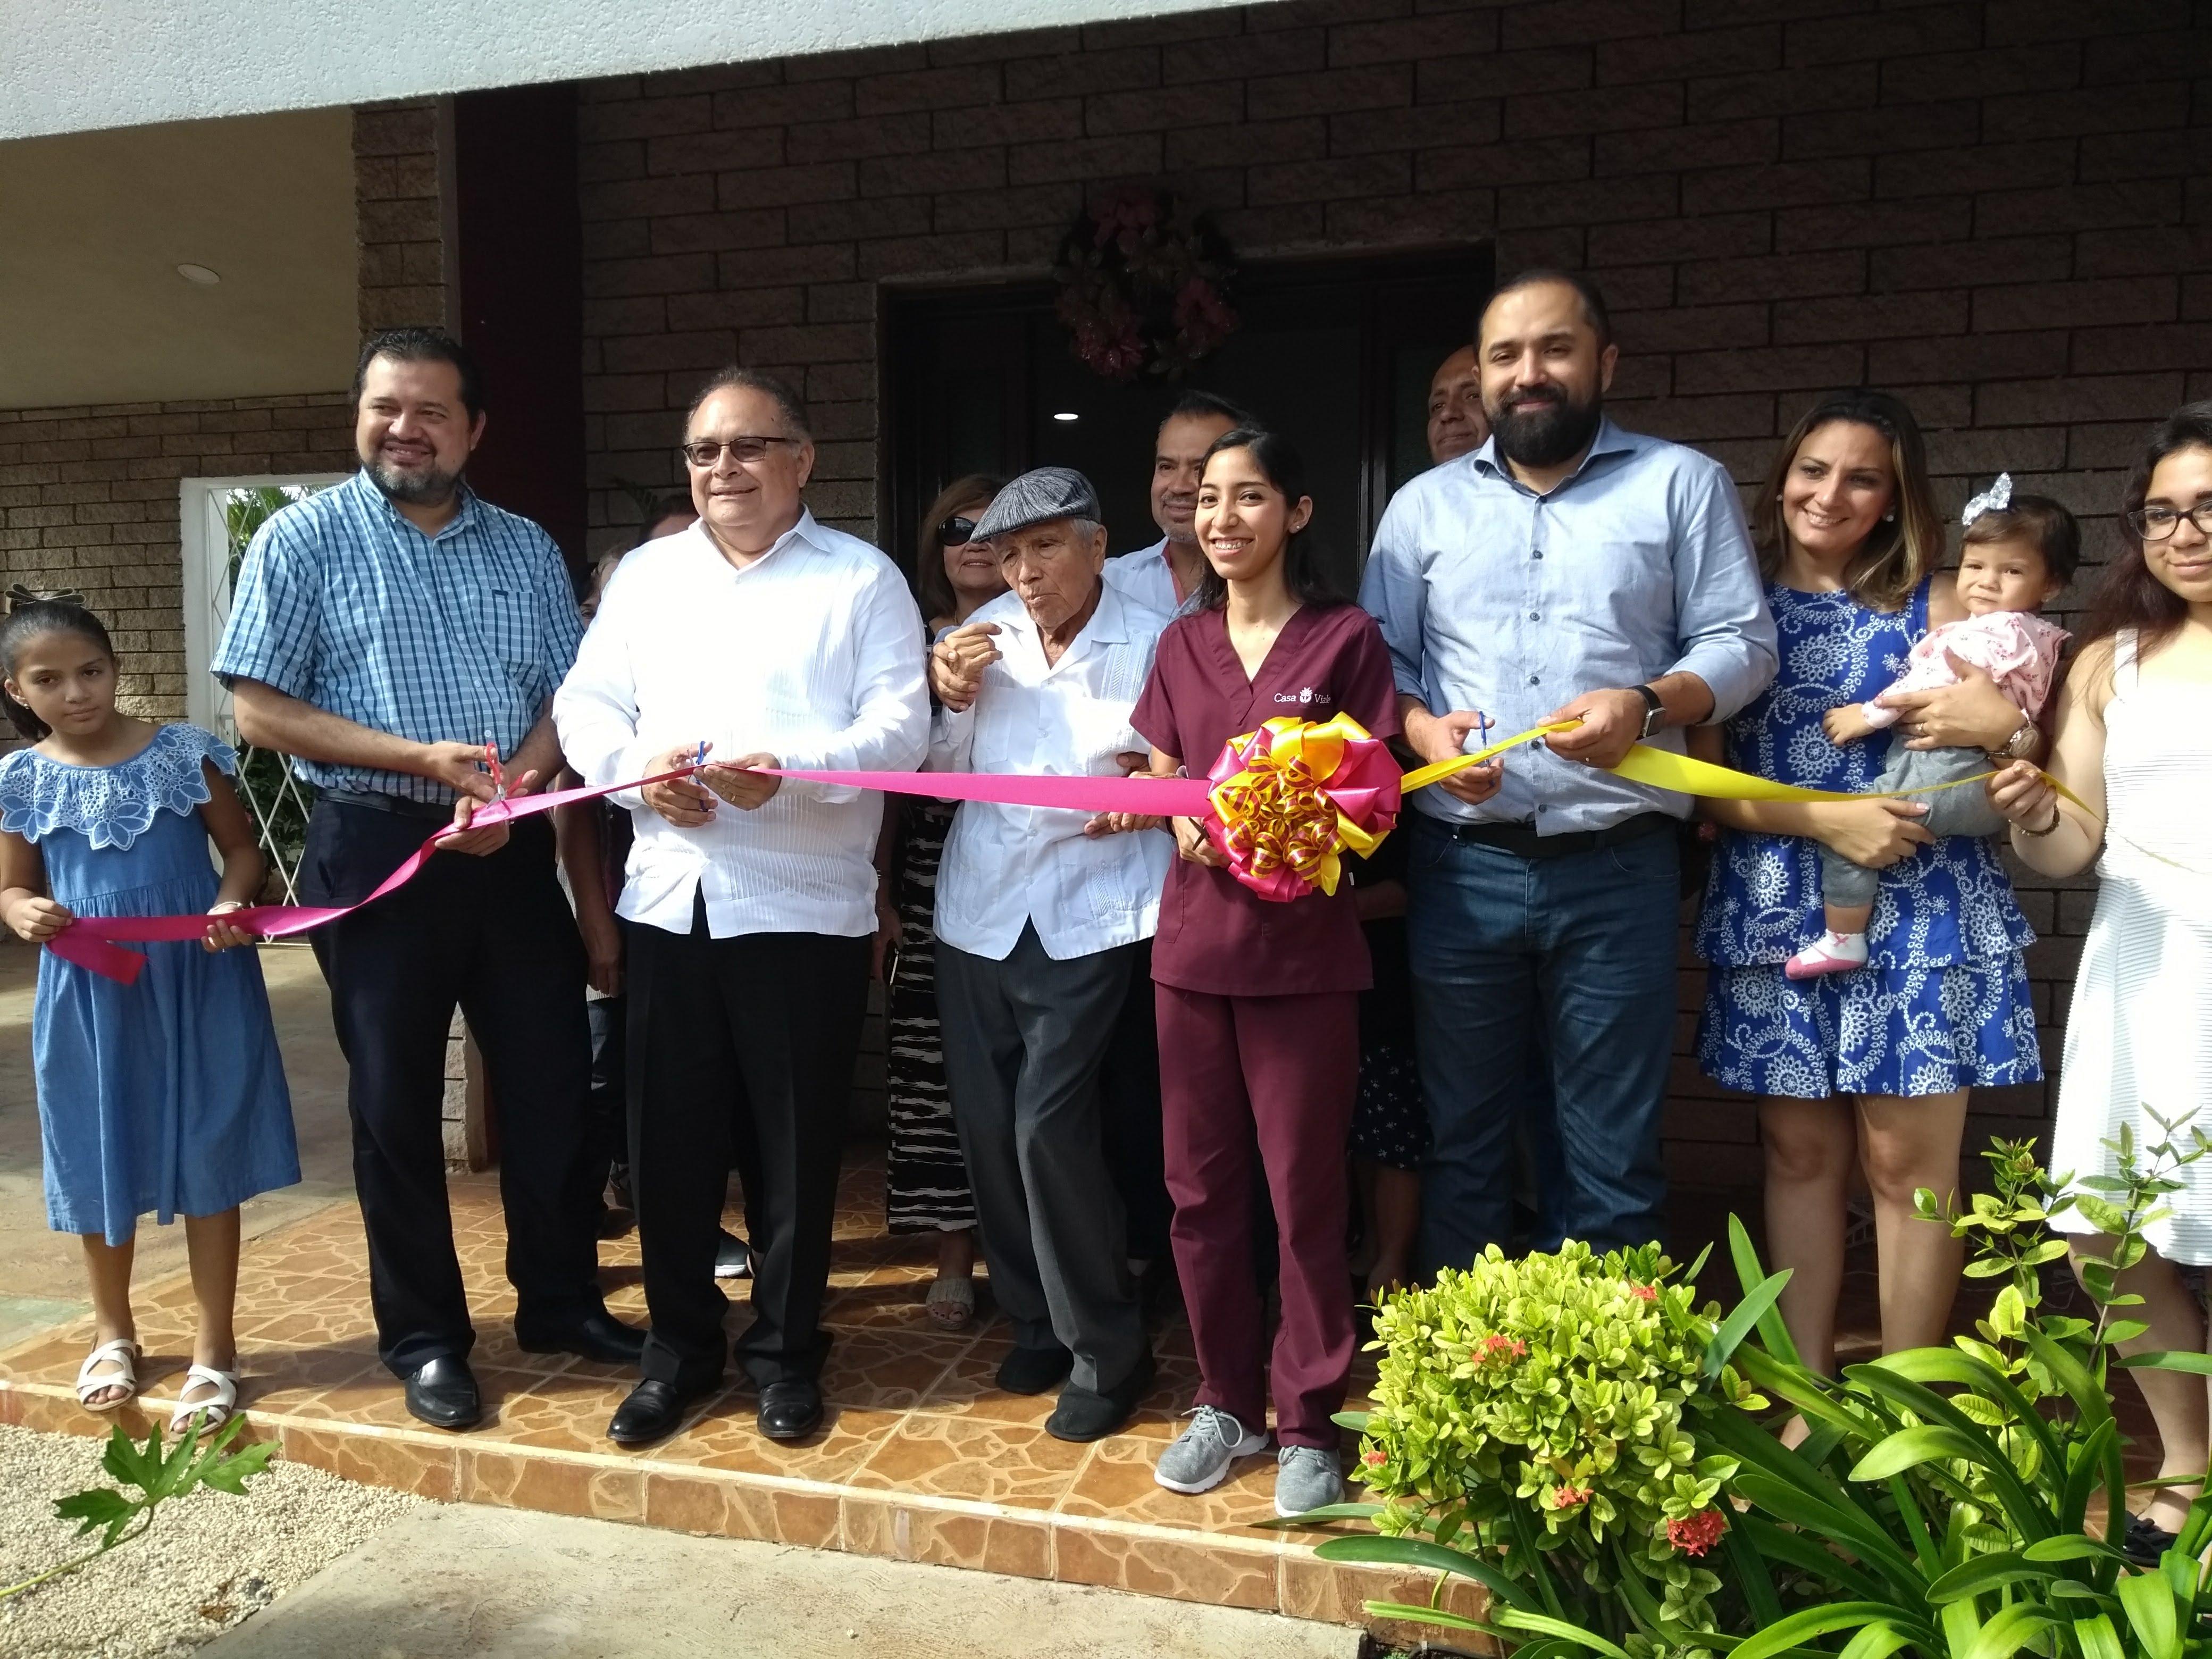 Abren Casa Viale para atender a adultos mayores